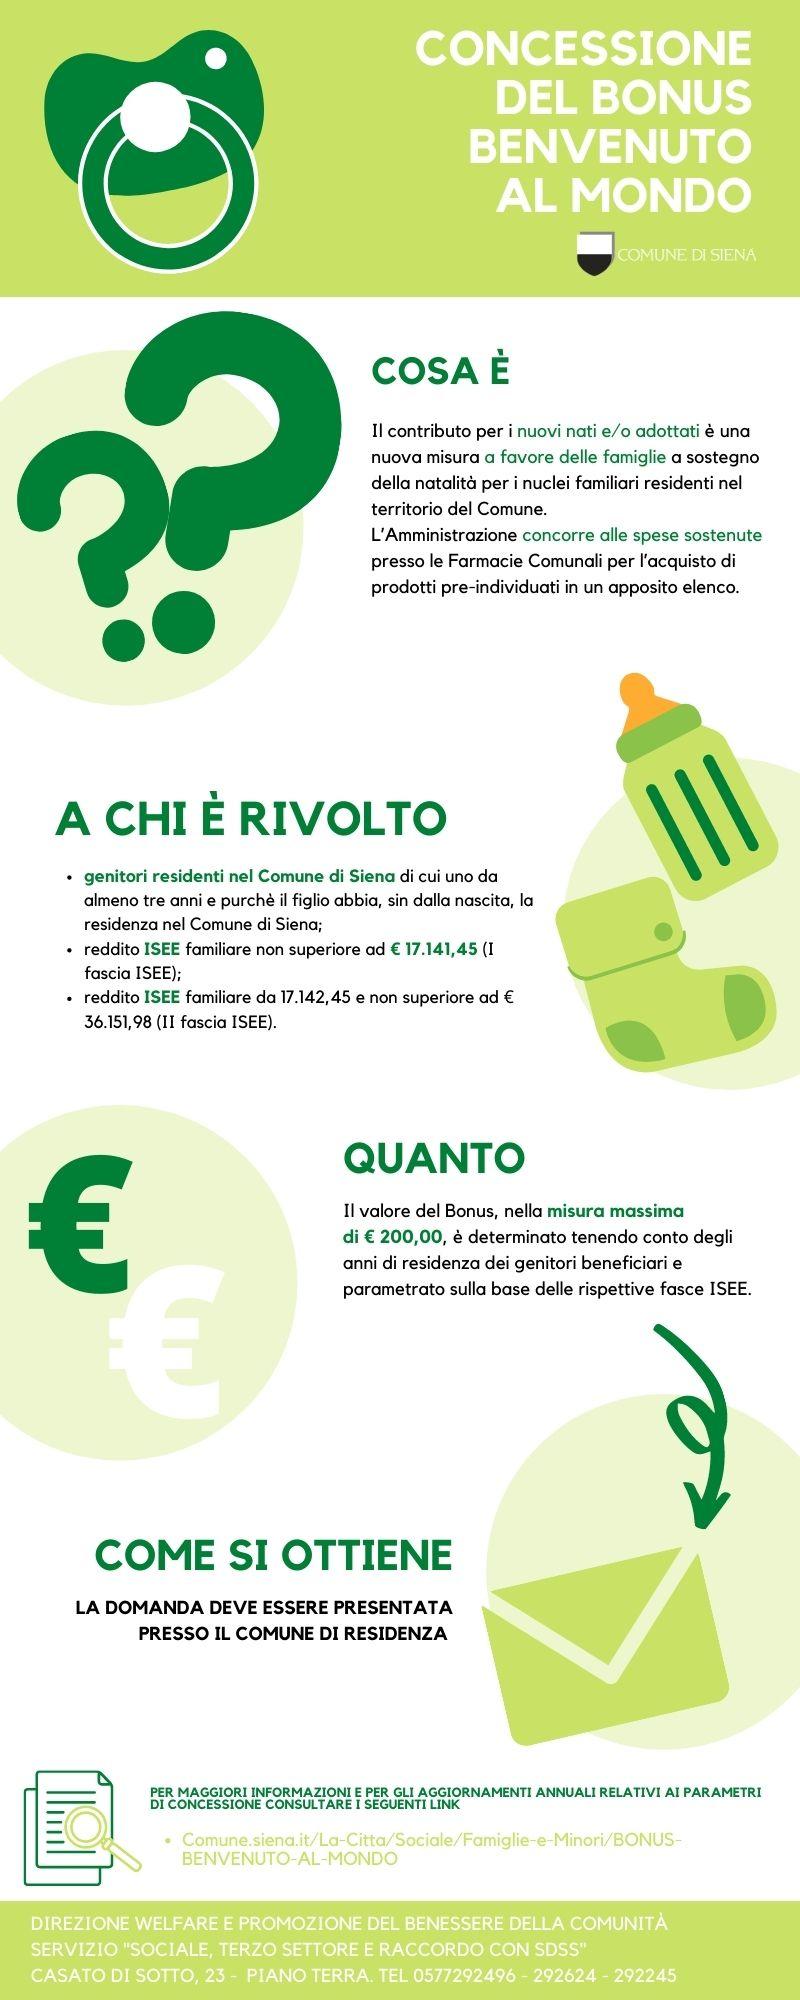 """Siena: """"Benvenuto al mondo"""", prosegue anche nel 2021 l'erogazione del Bonus per le famiglie indifficoltà"""